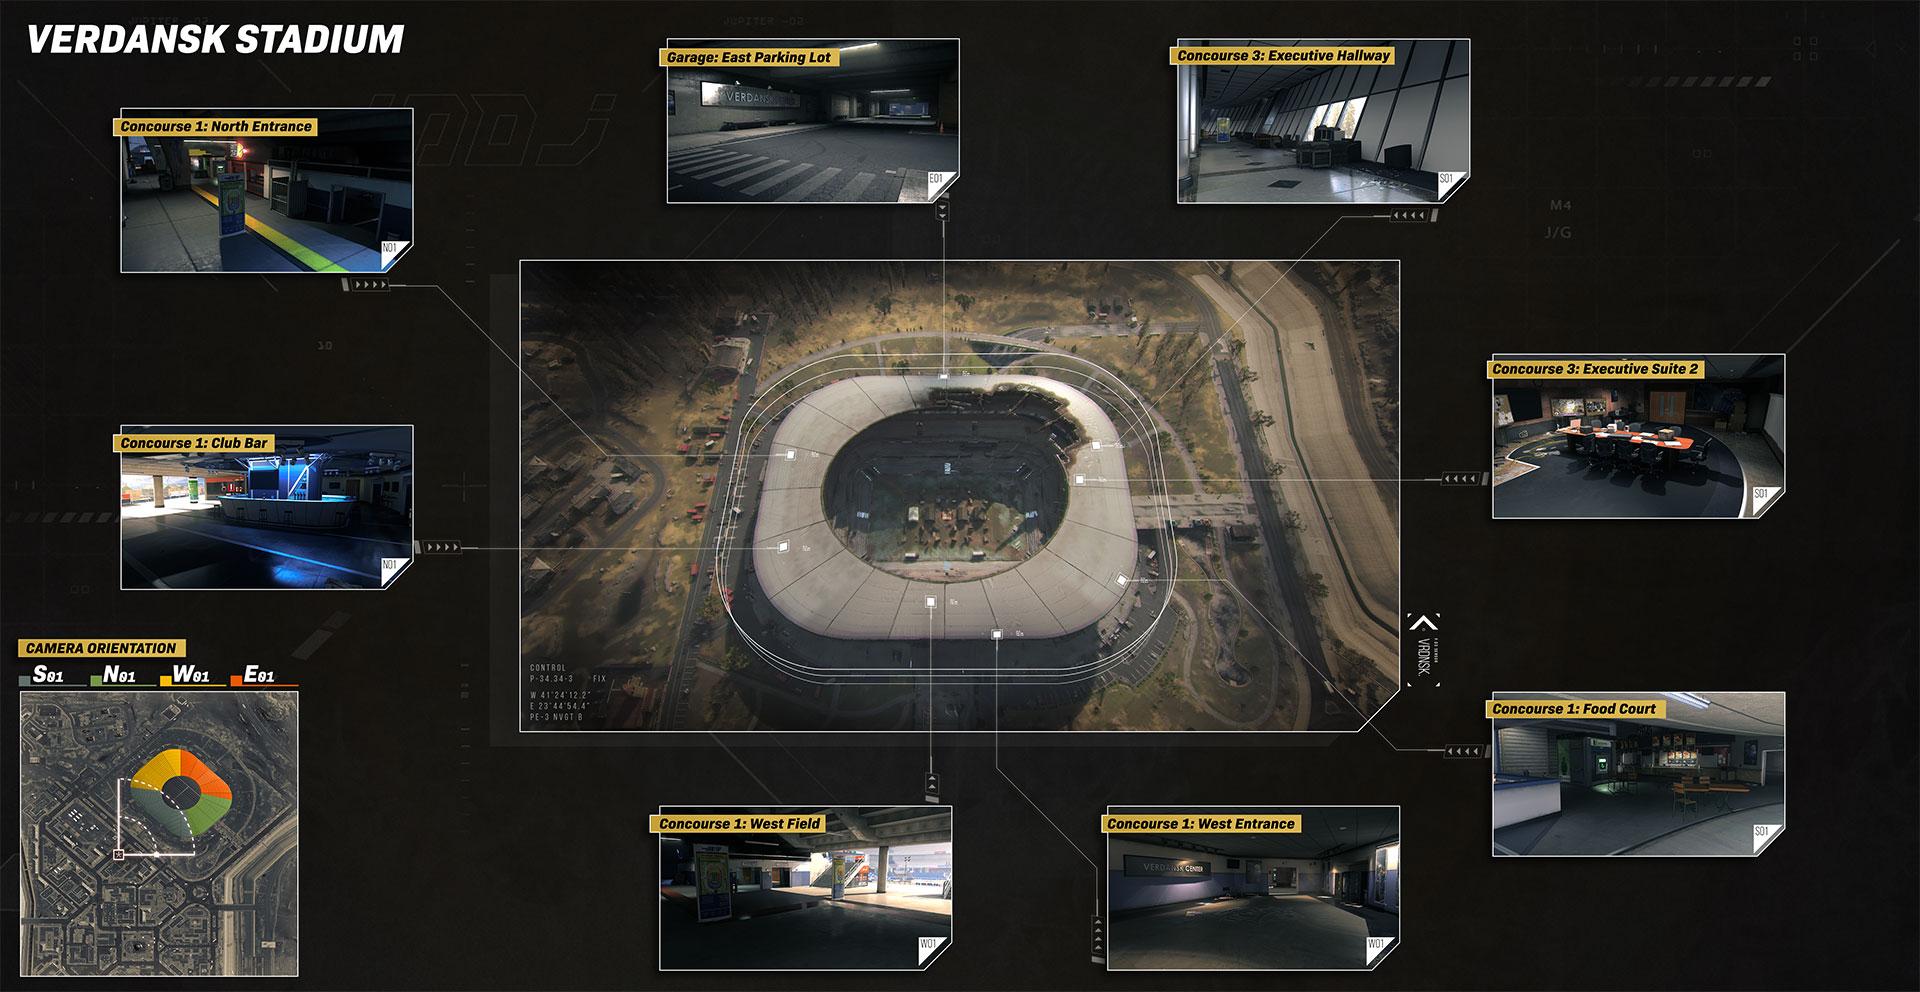 Points d'intérêt du stade de Verdansk Warzone